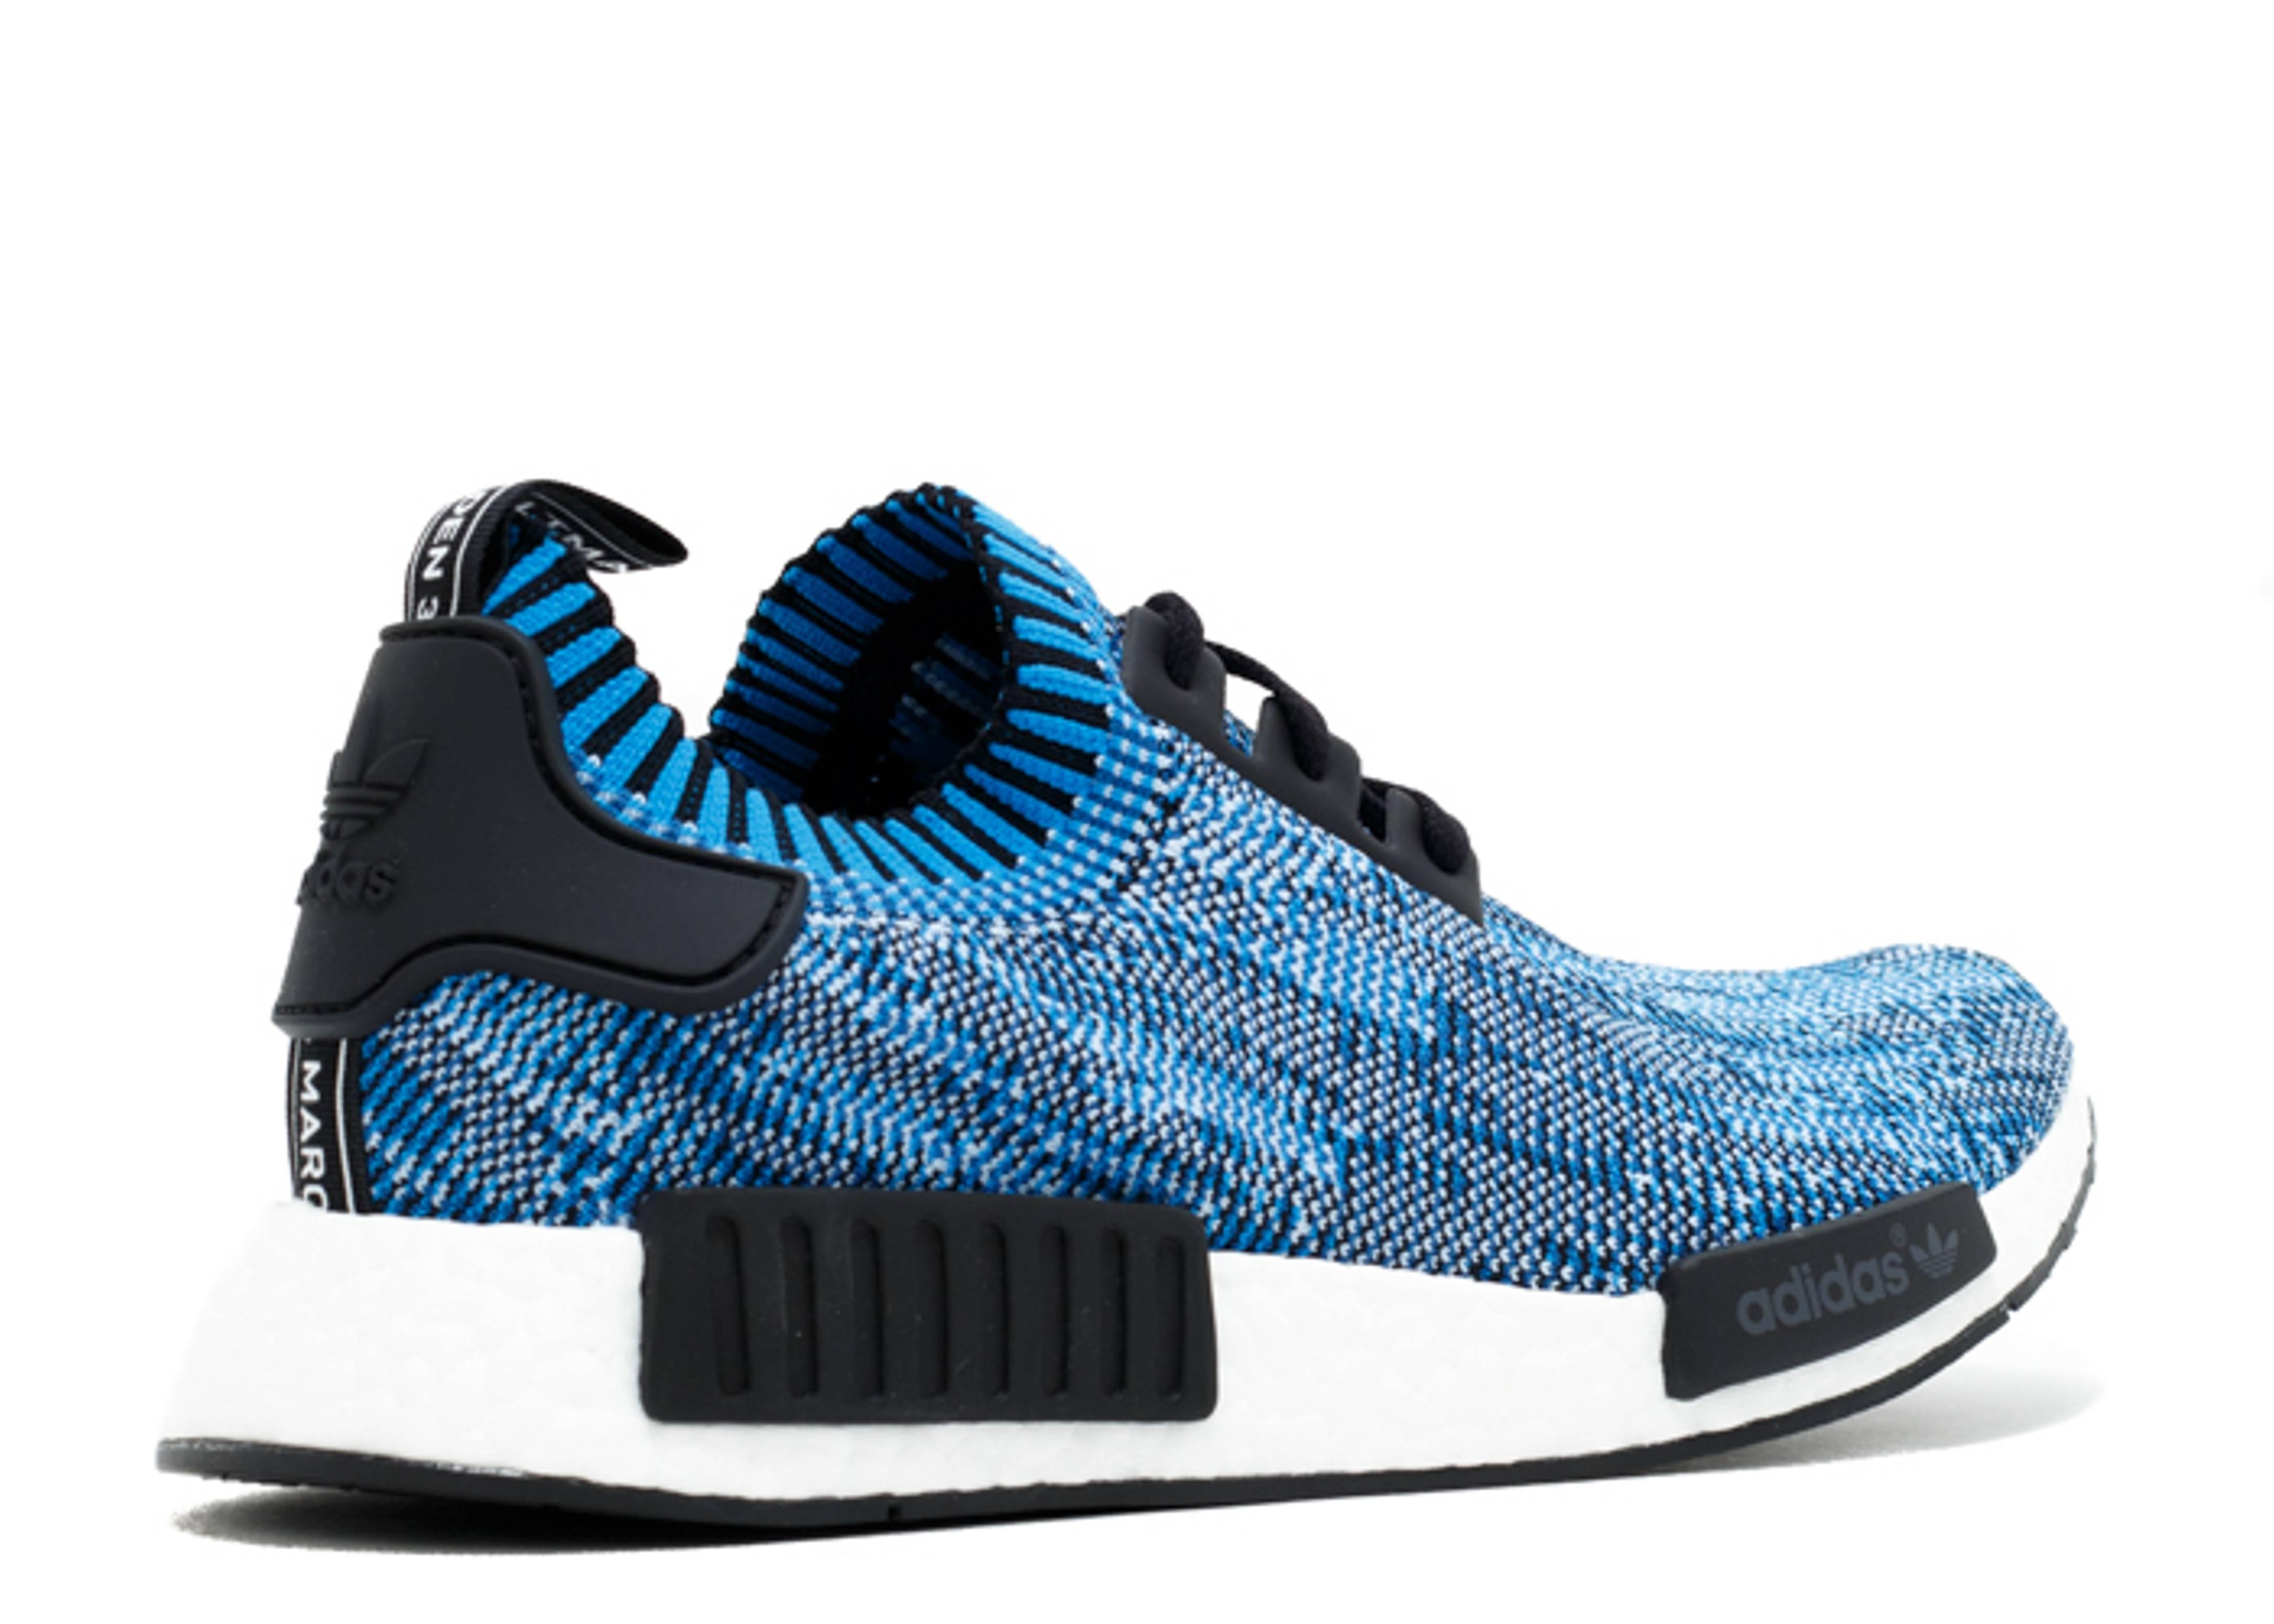 adidas nmd r1 bedwin,adidas originals nmd light blue